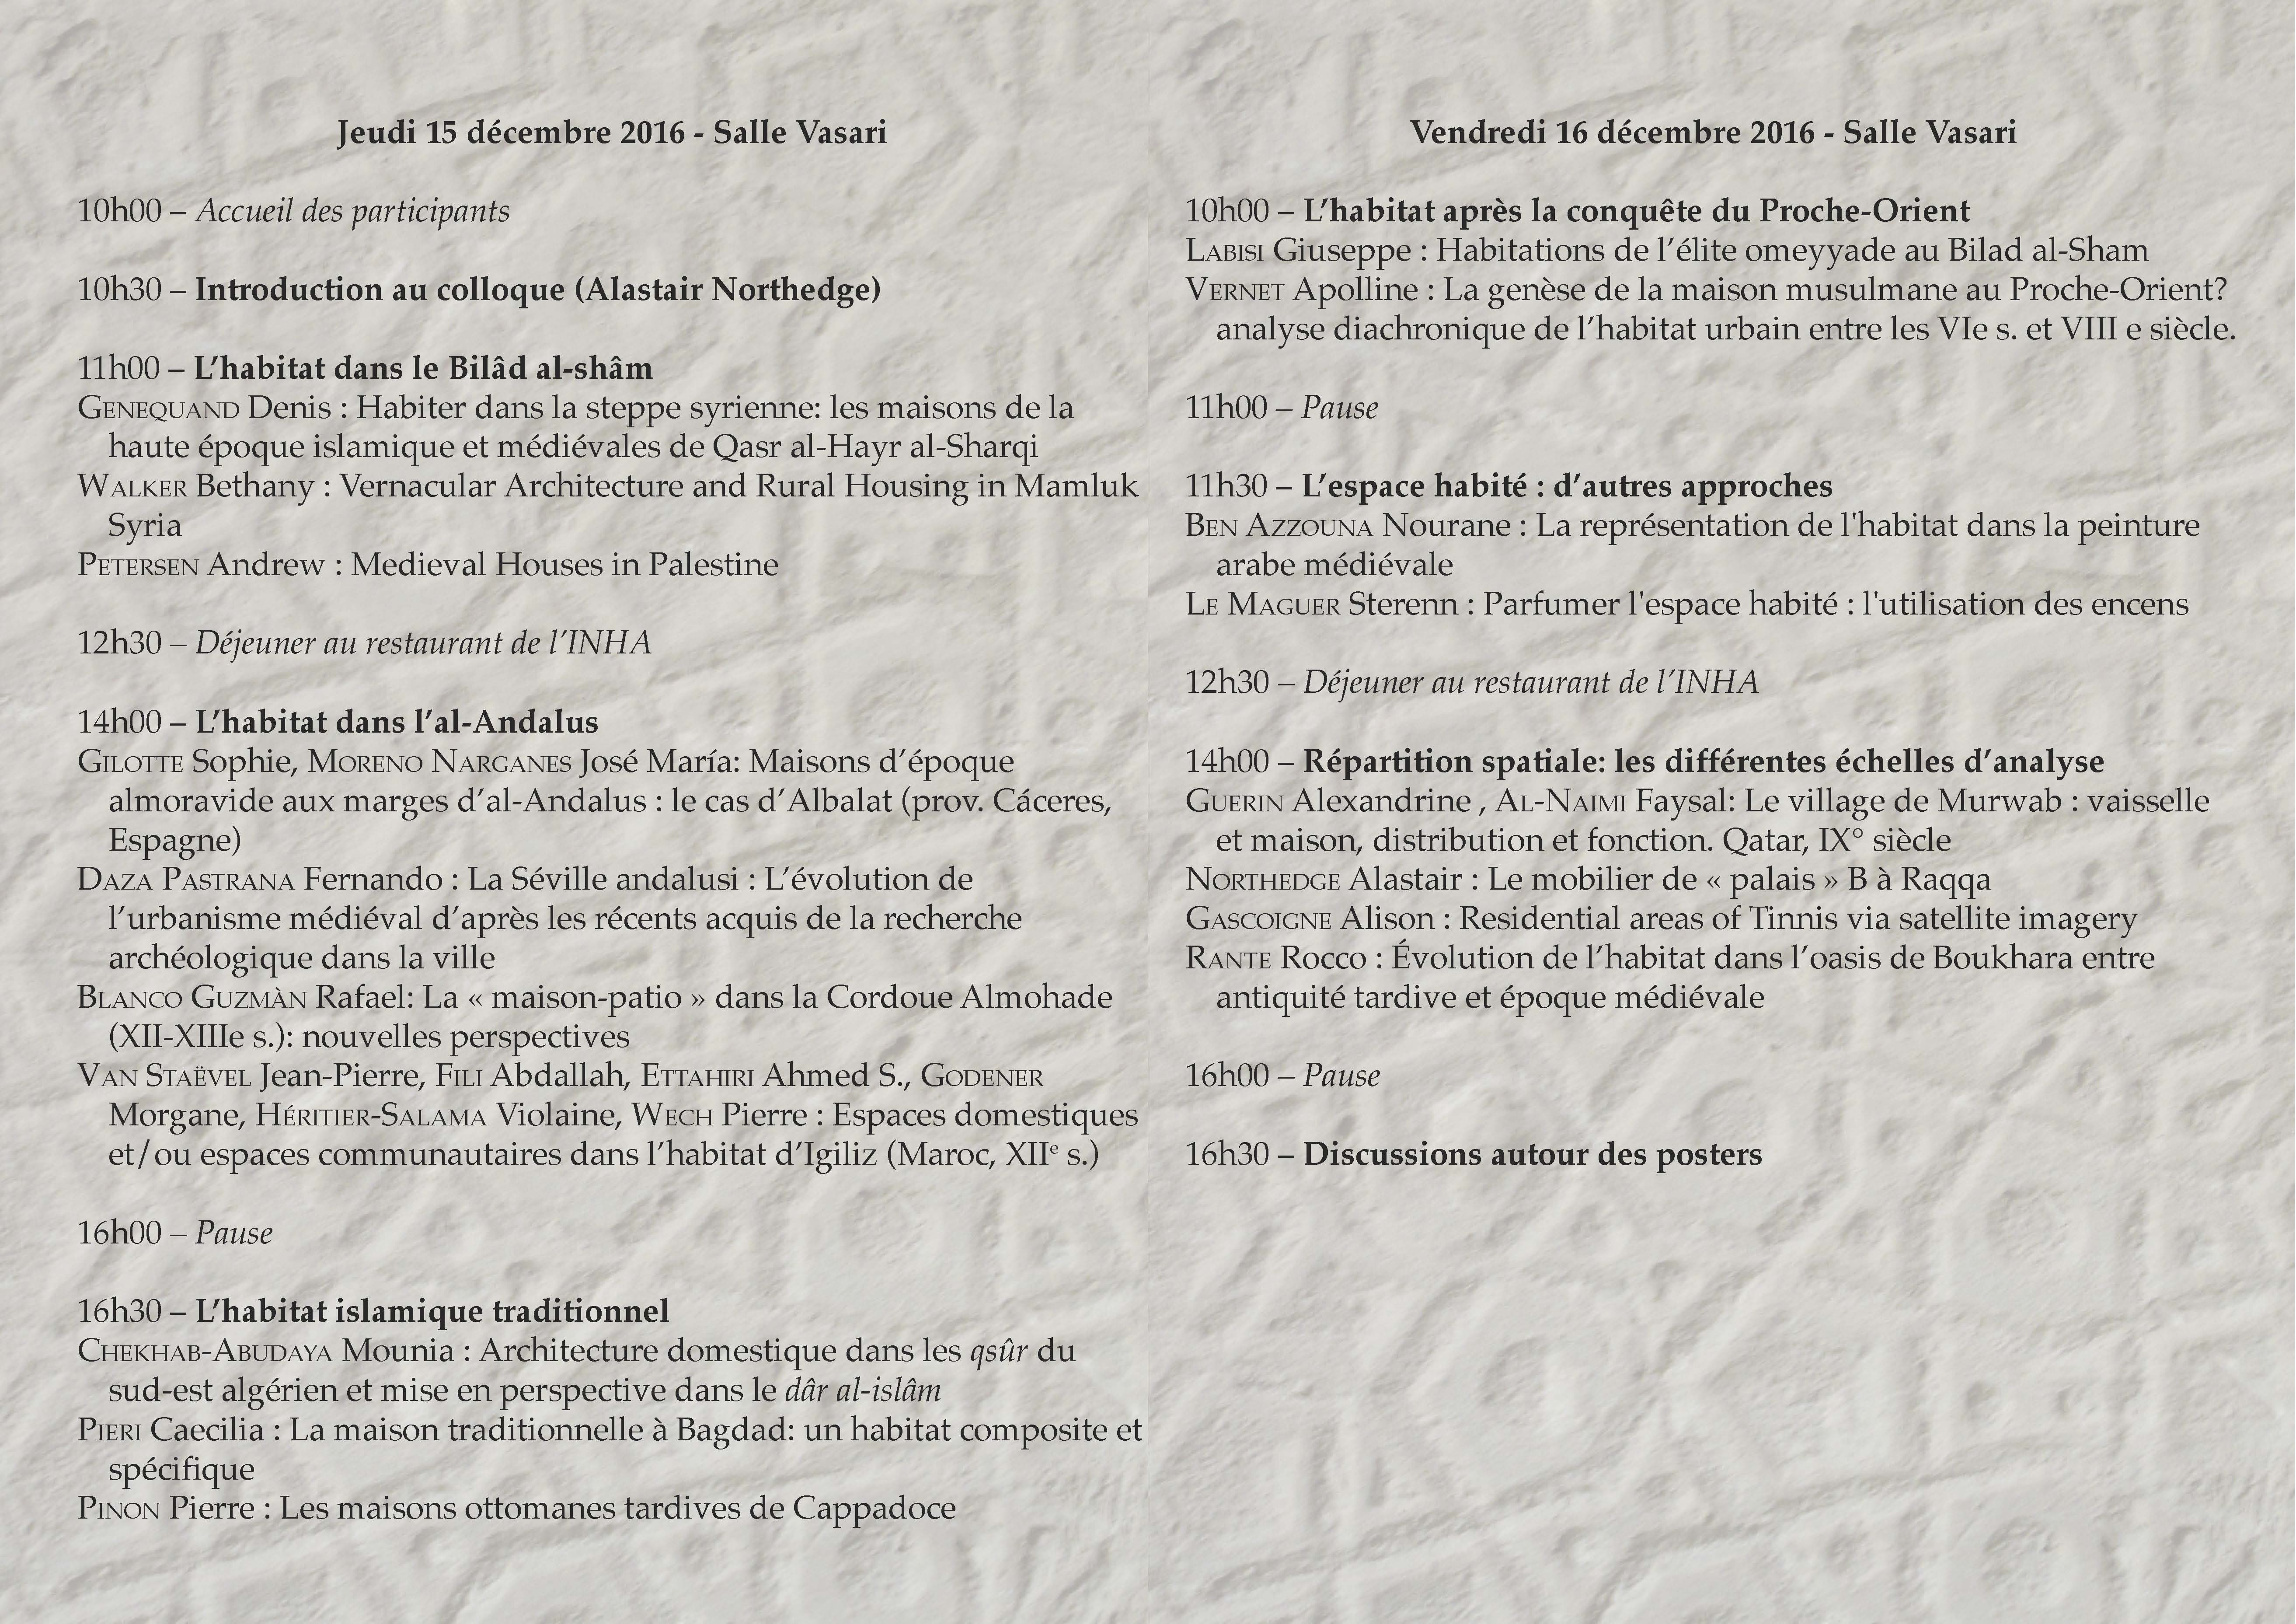 a4_rv_coul_programme-cai-paris_page_2